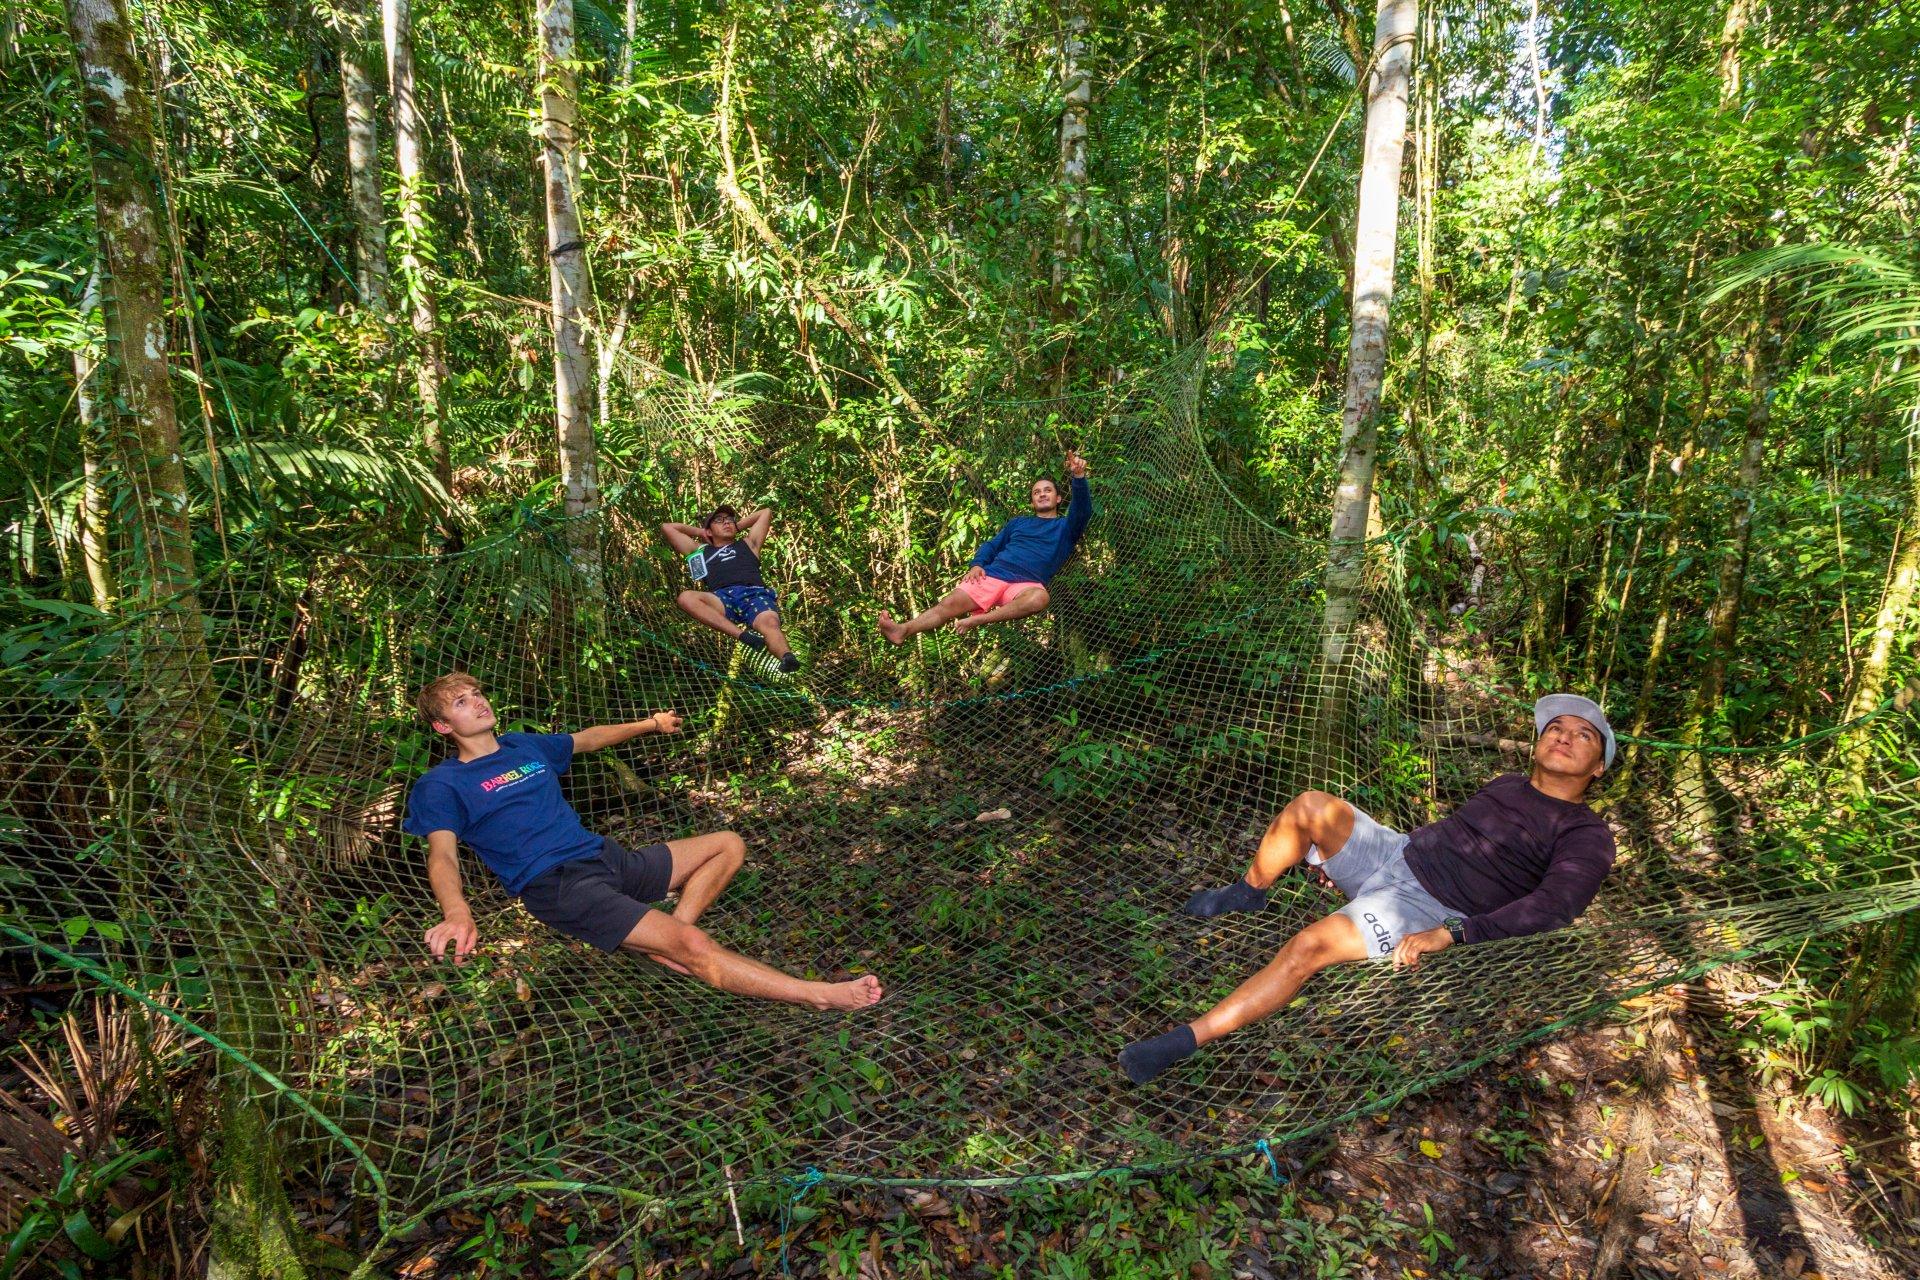 Cuyabeno Amazon Jungle Tour 3 days 2 nights